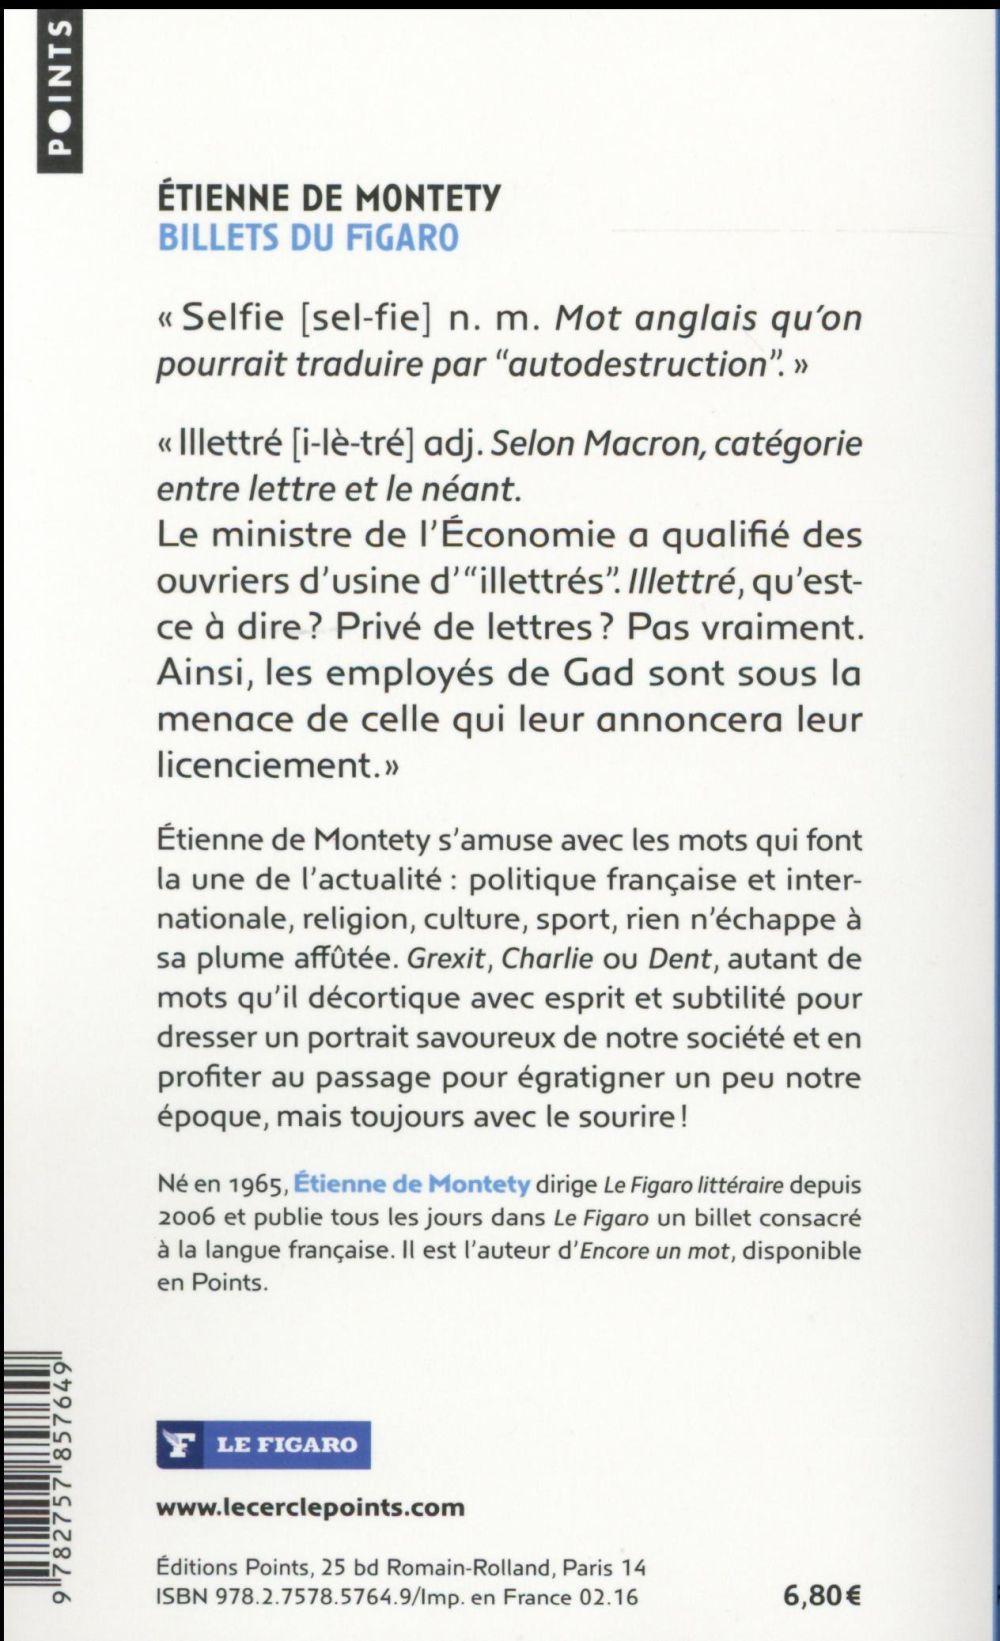 Billets du Figaro ; l'actualité au fil des mots